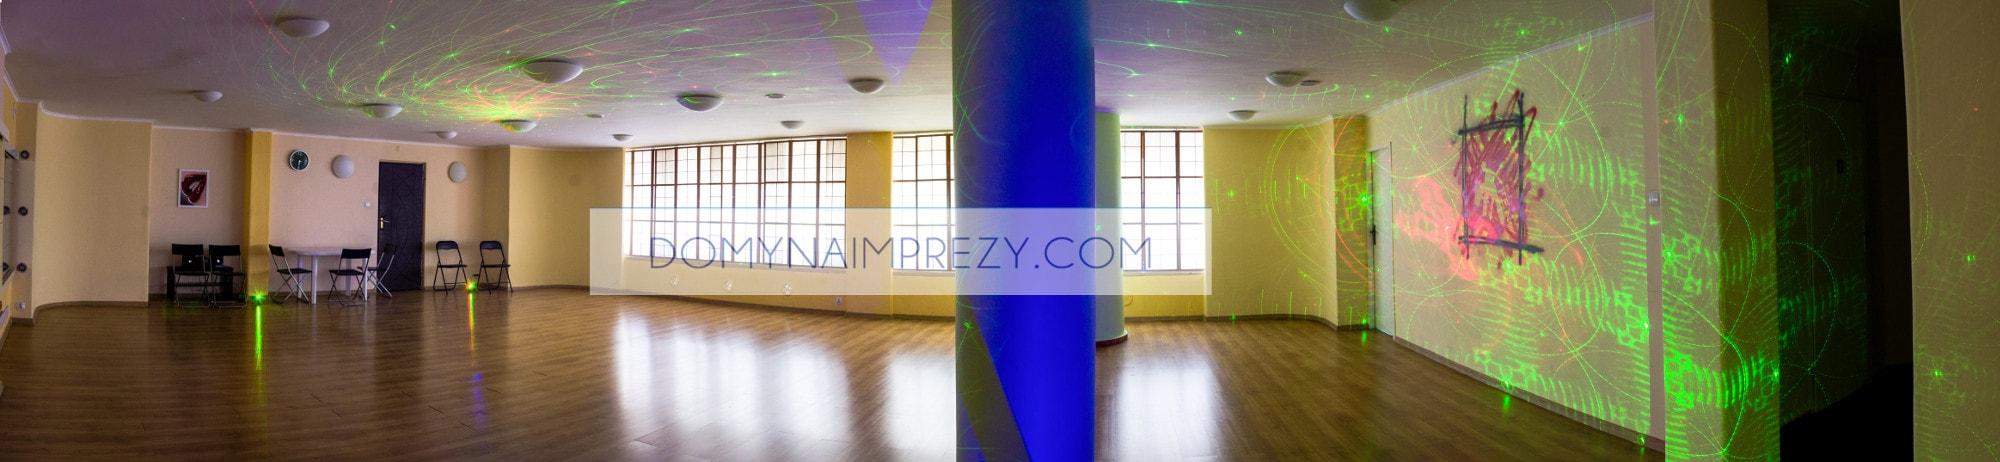 Panorama miejsca do tańczenia w lokalu